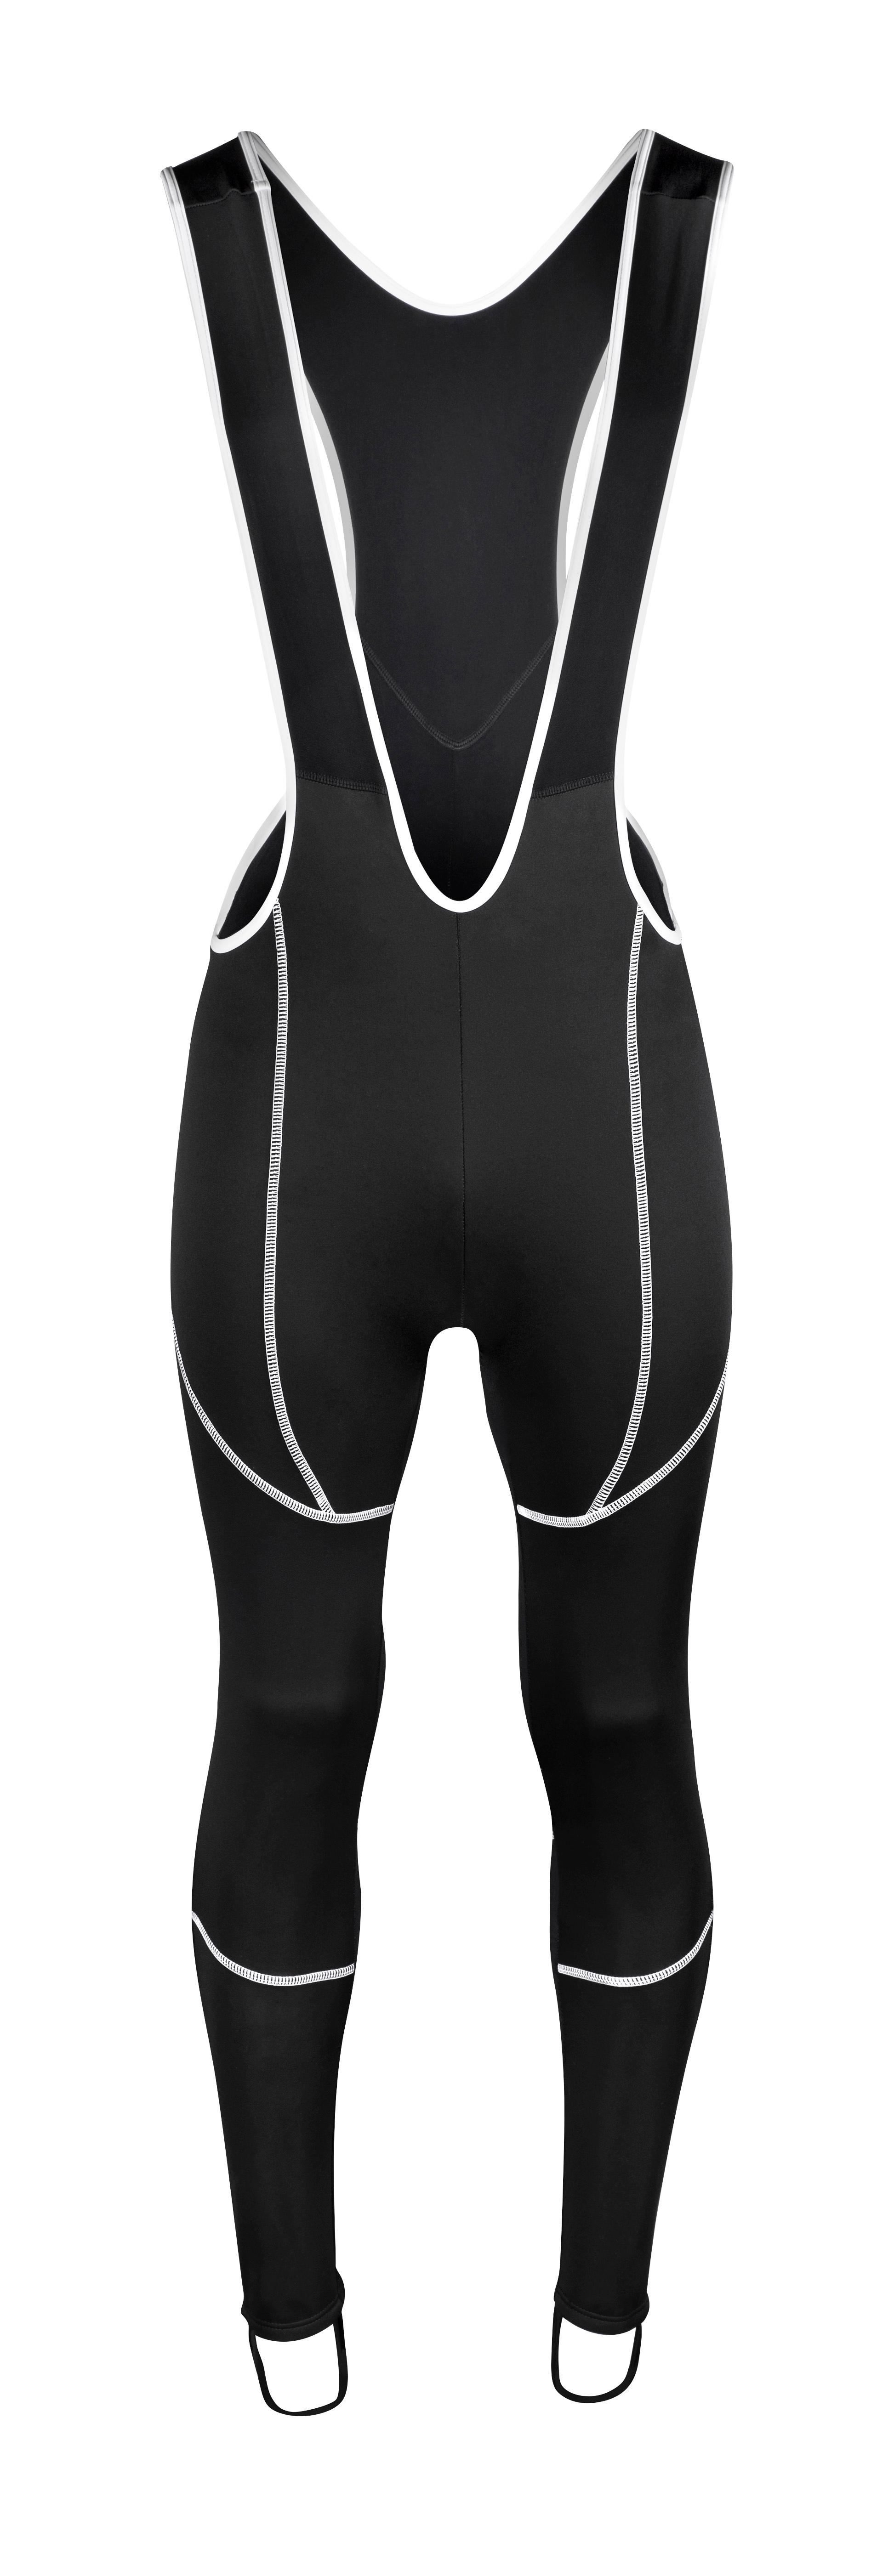 kalhoty FORCE Z70 SOFTSHELL se šráky bez vložky,črn XL